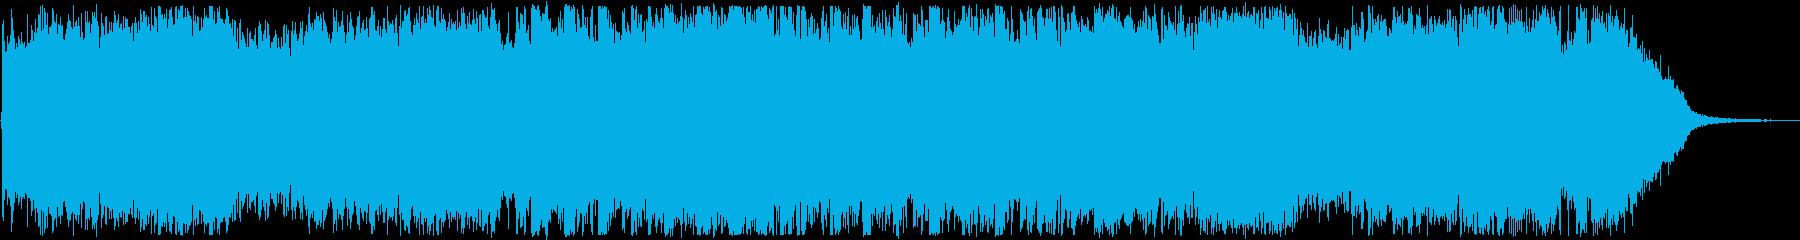 エンディング・おしゃれなEDMの再生済みの波形